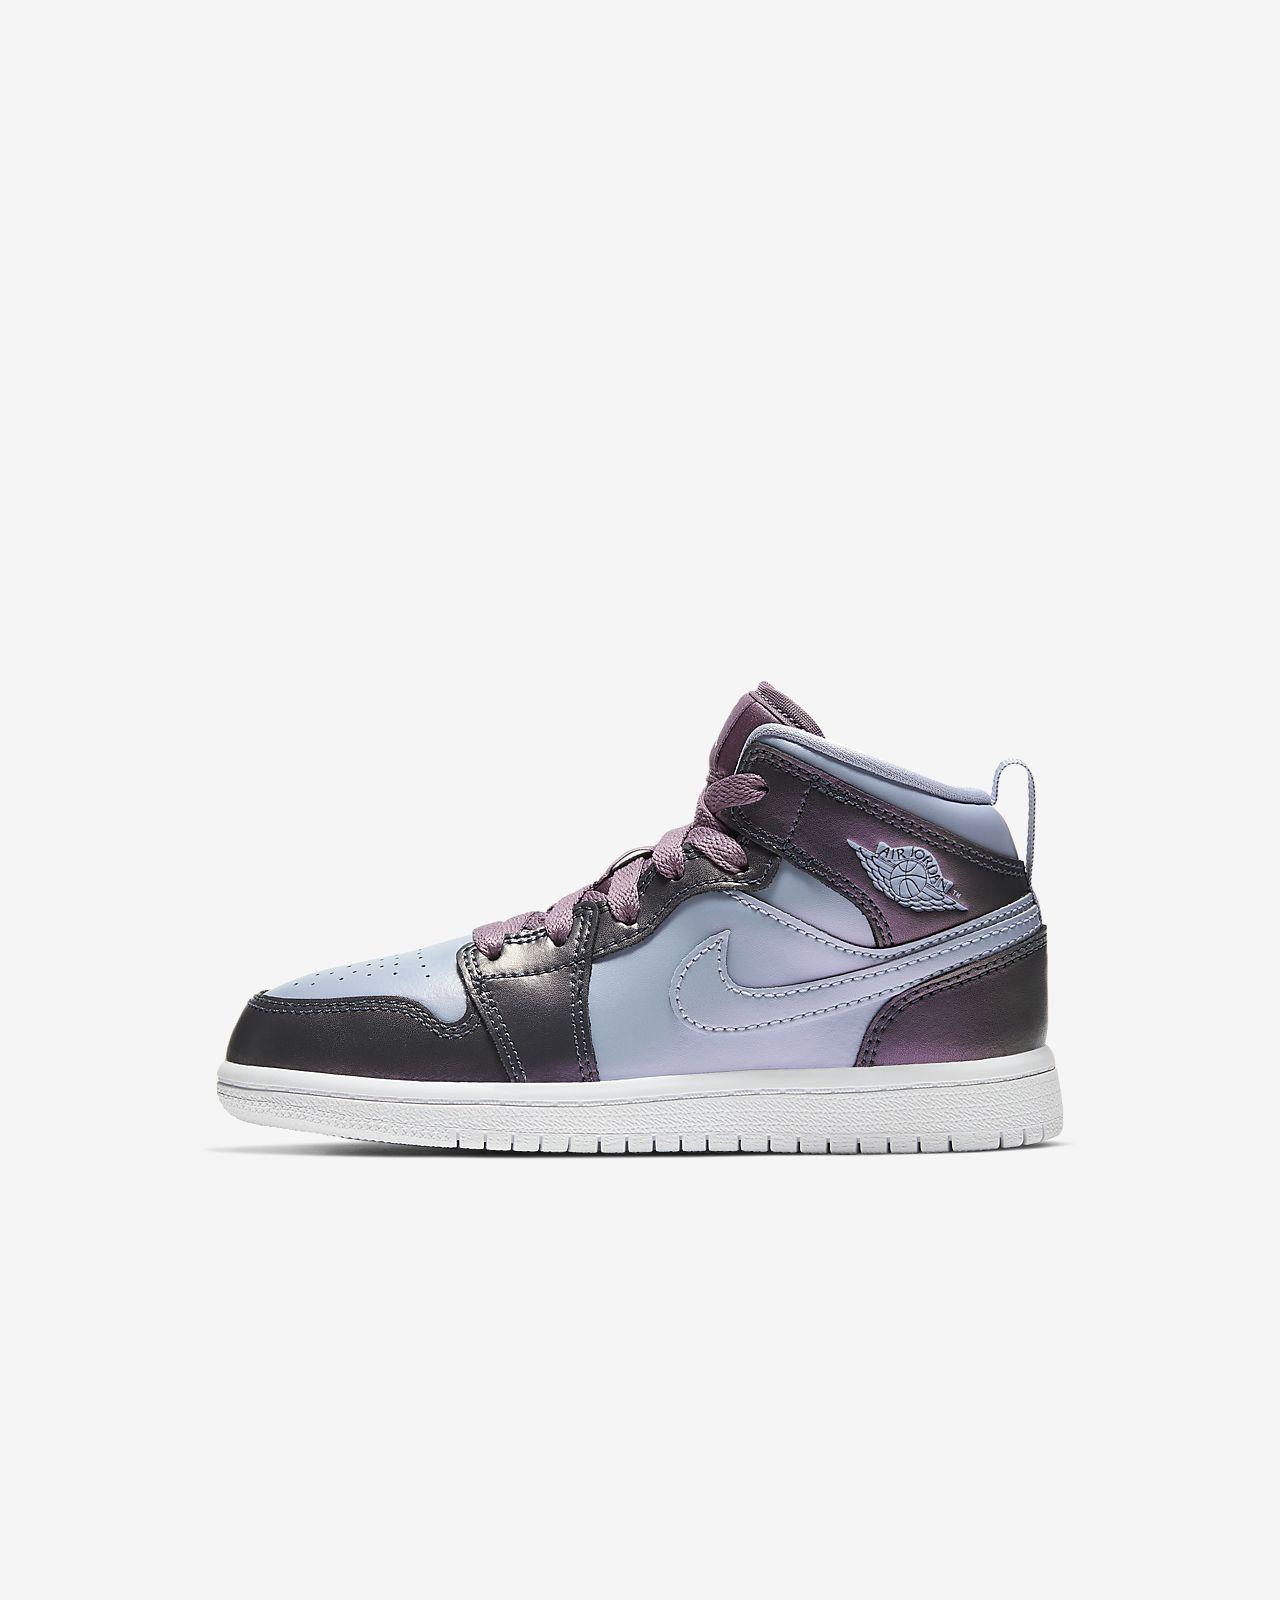 buy popular 6526e 330b6 ... Jordan 1 Mid SE Little Kids  Shoe (10.5c-3y)